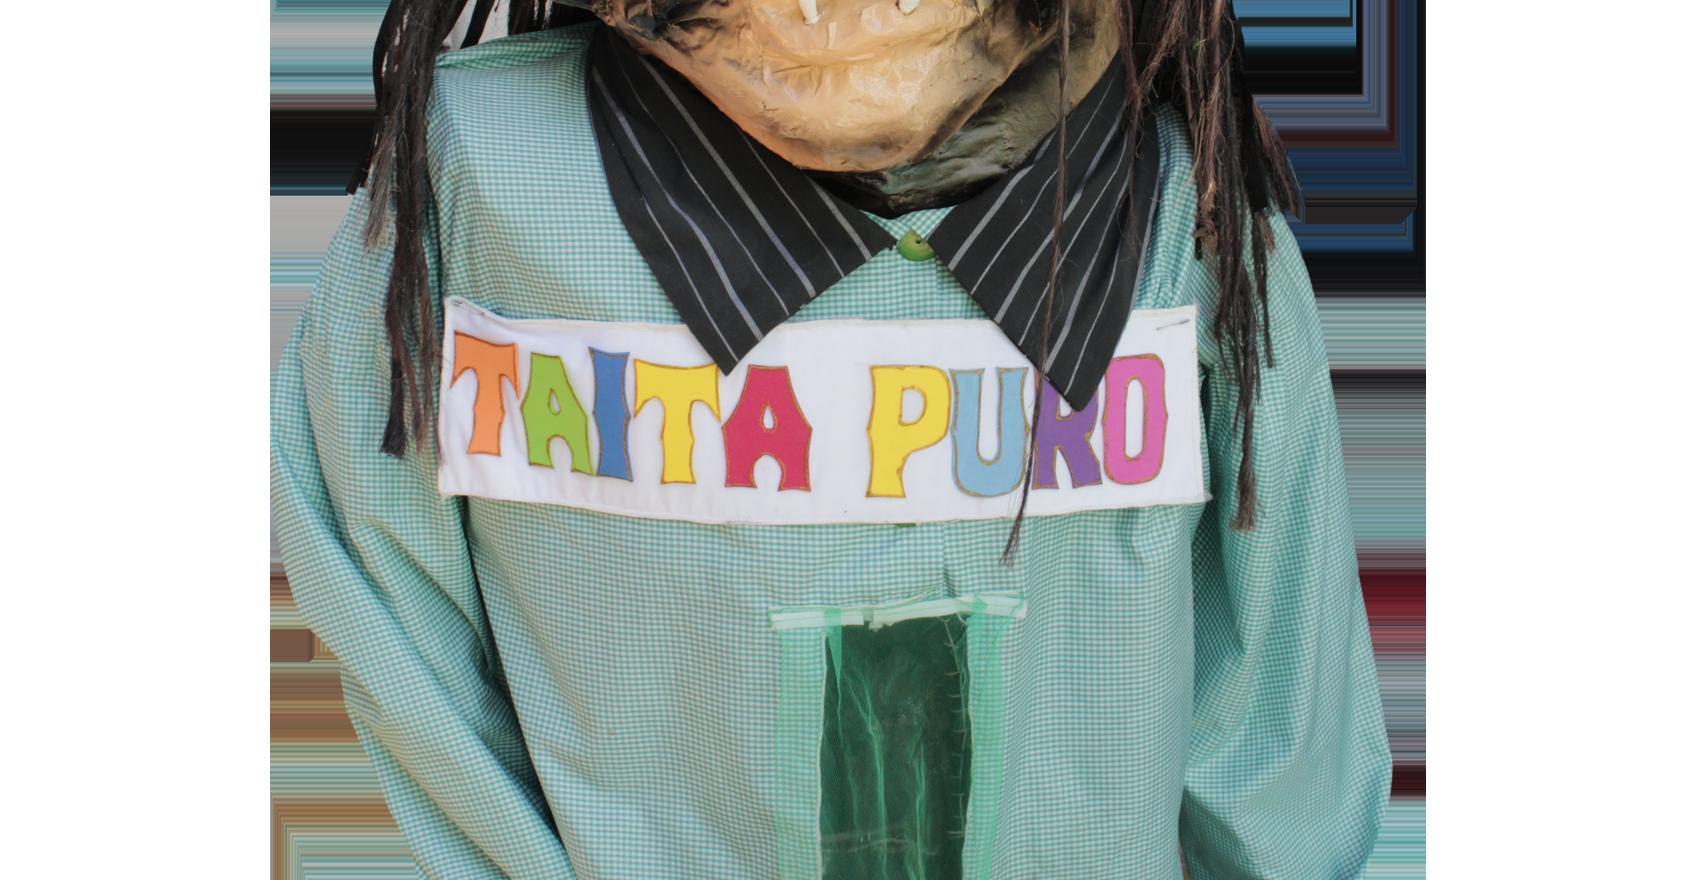 TAITAPURO ESCUELA BANYO PNG.png